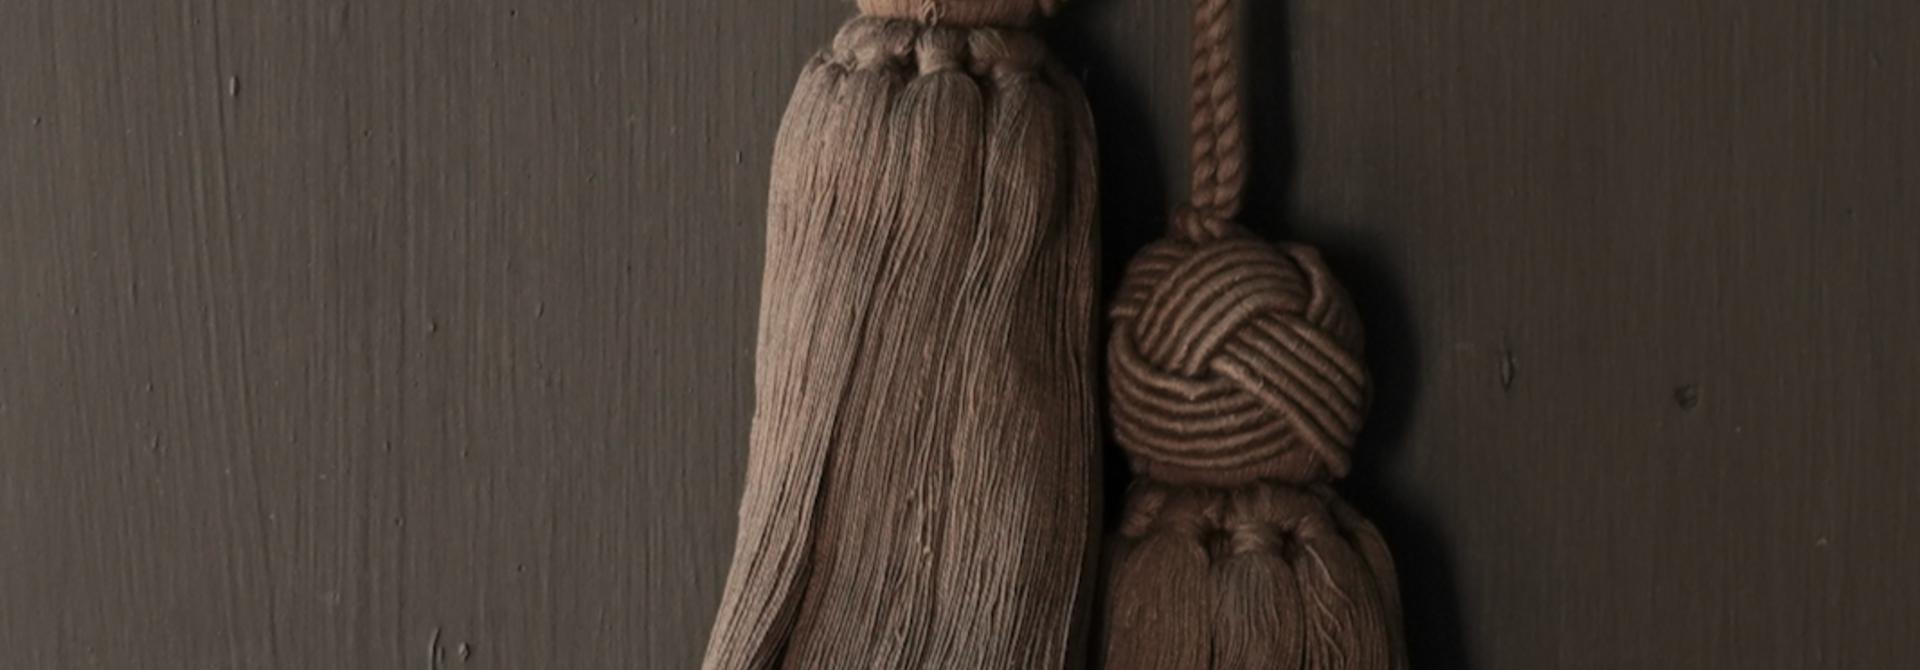 Katoenen  Tassel, Kwast of Toef